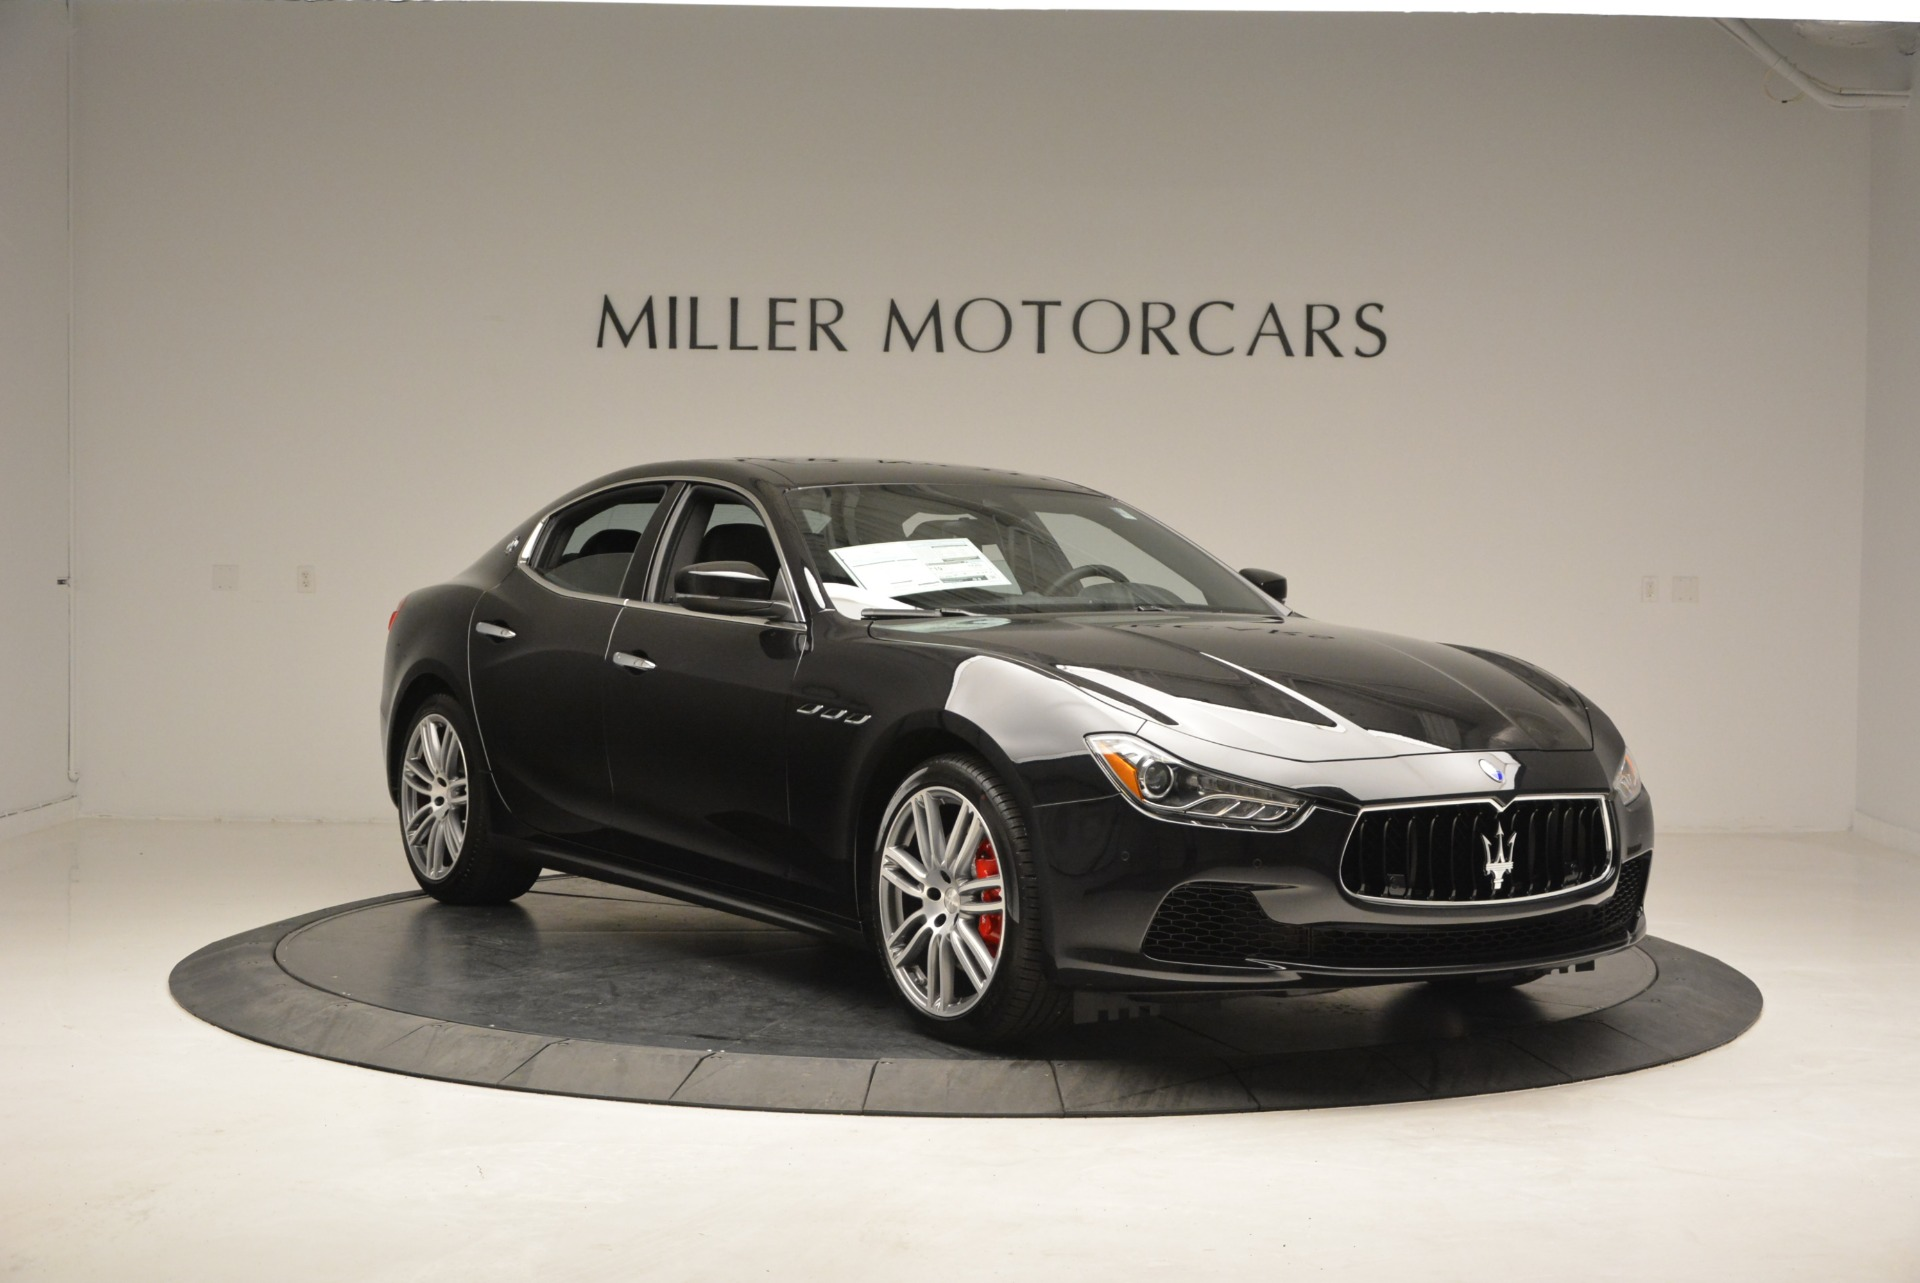 New 2017 Maserati Ghibli SQ4 For Sale In Greenwich, CT 1033_p11